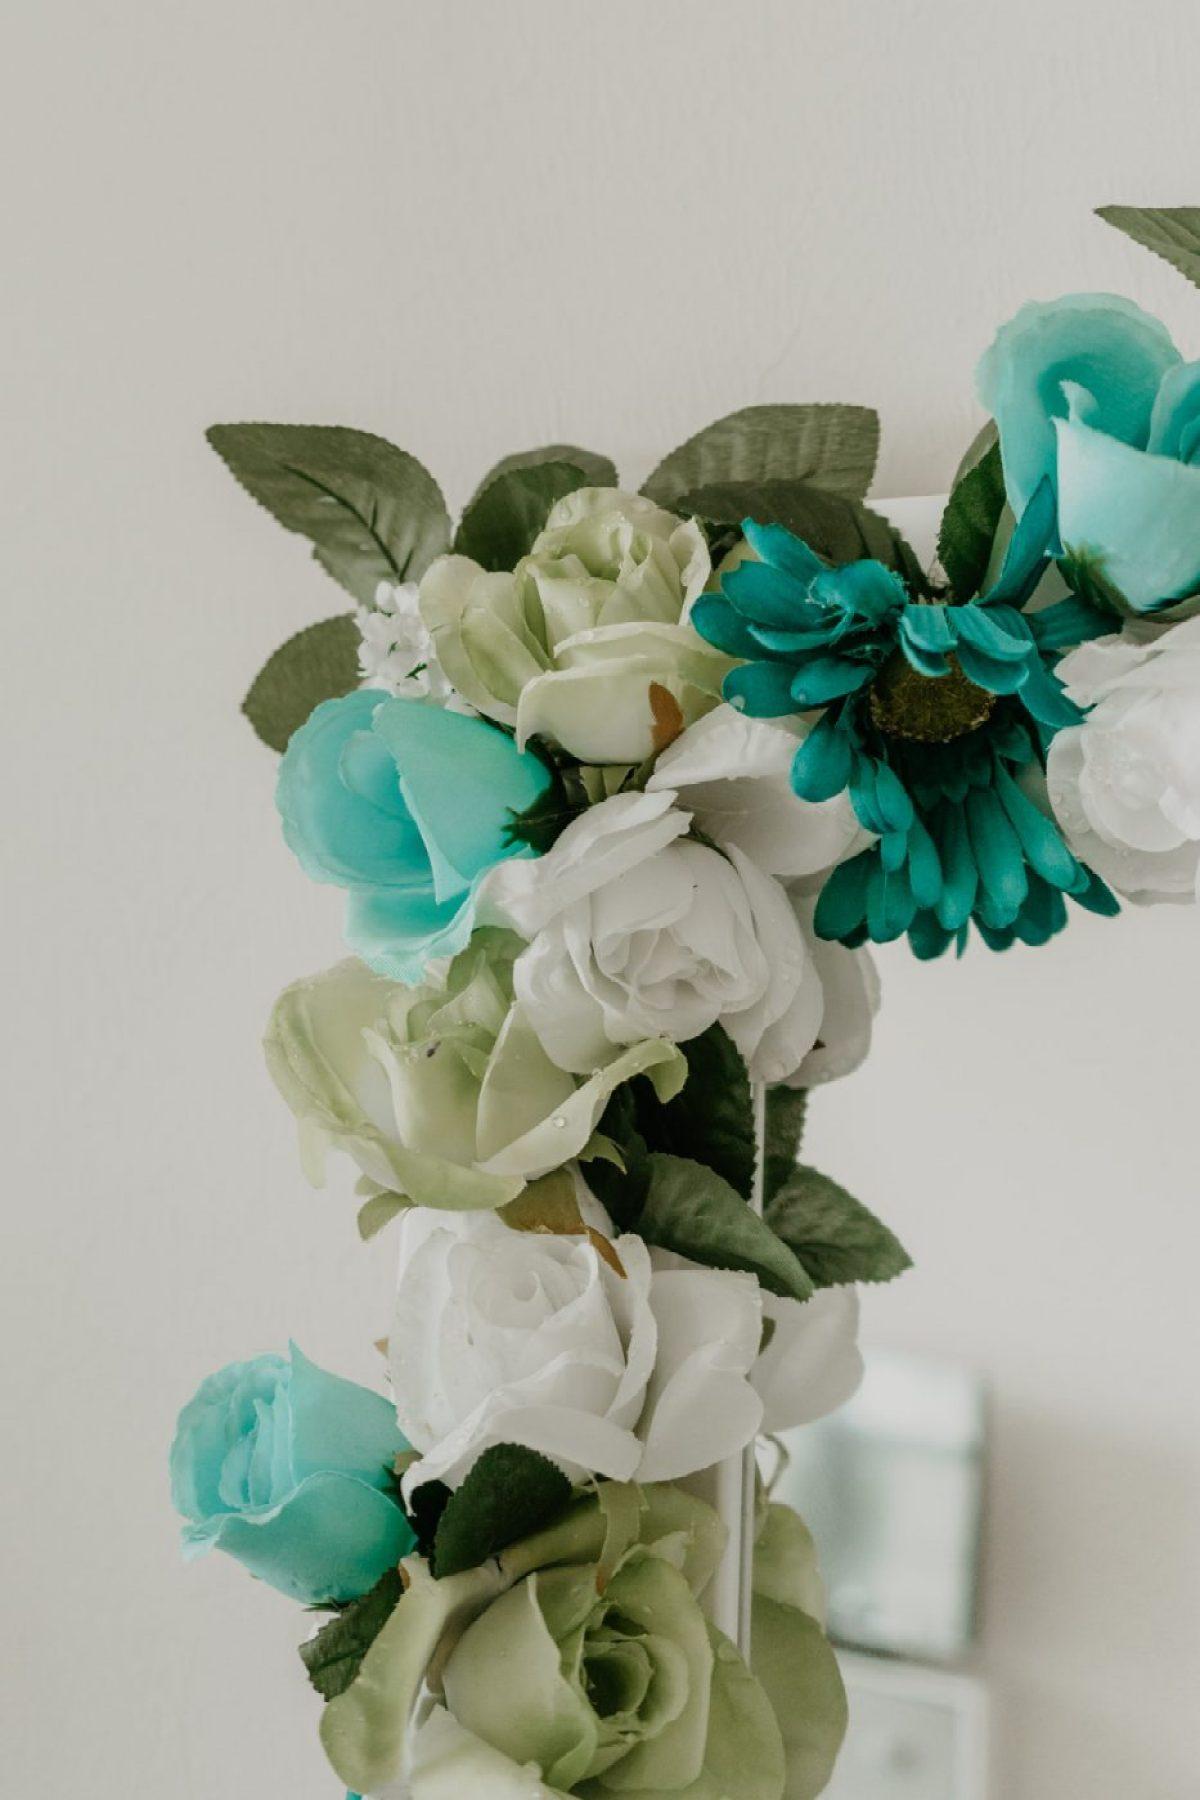 Corner of DIY Flower Mirror - Sweet Teal